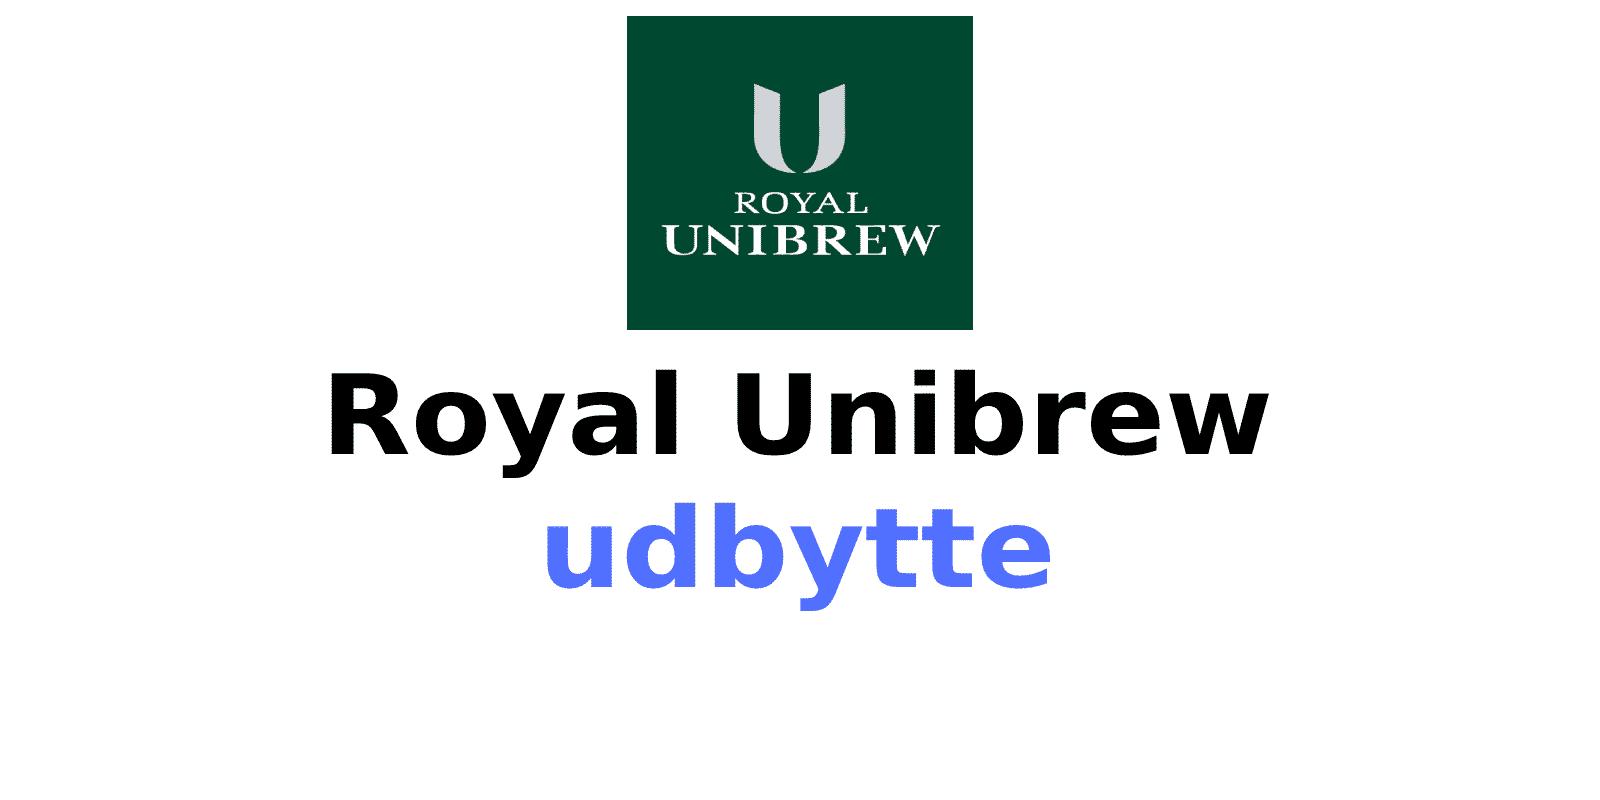 Royal Unibrew Udbytte